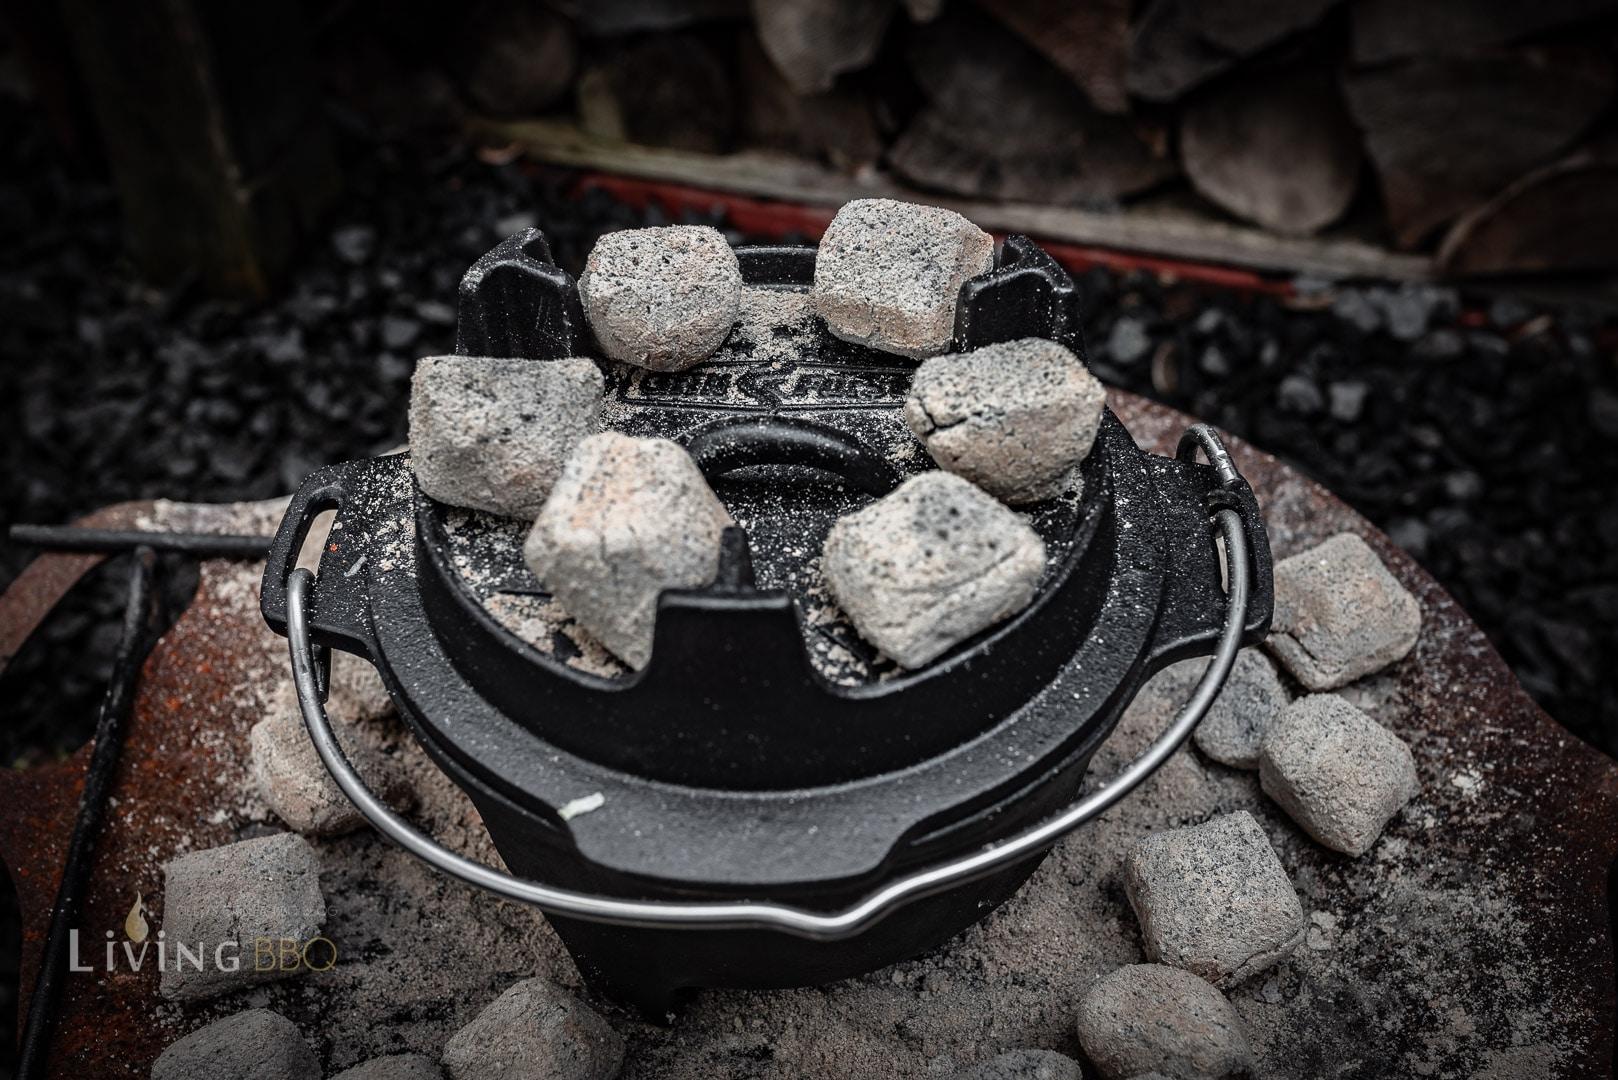 Dutch Oven mit Kohlen